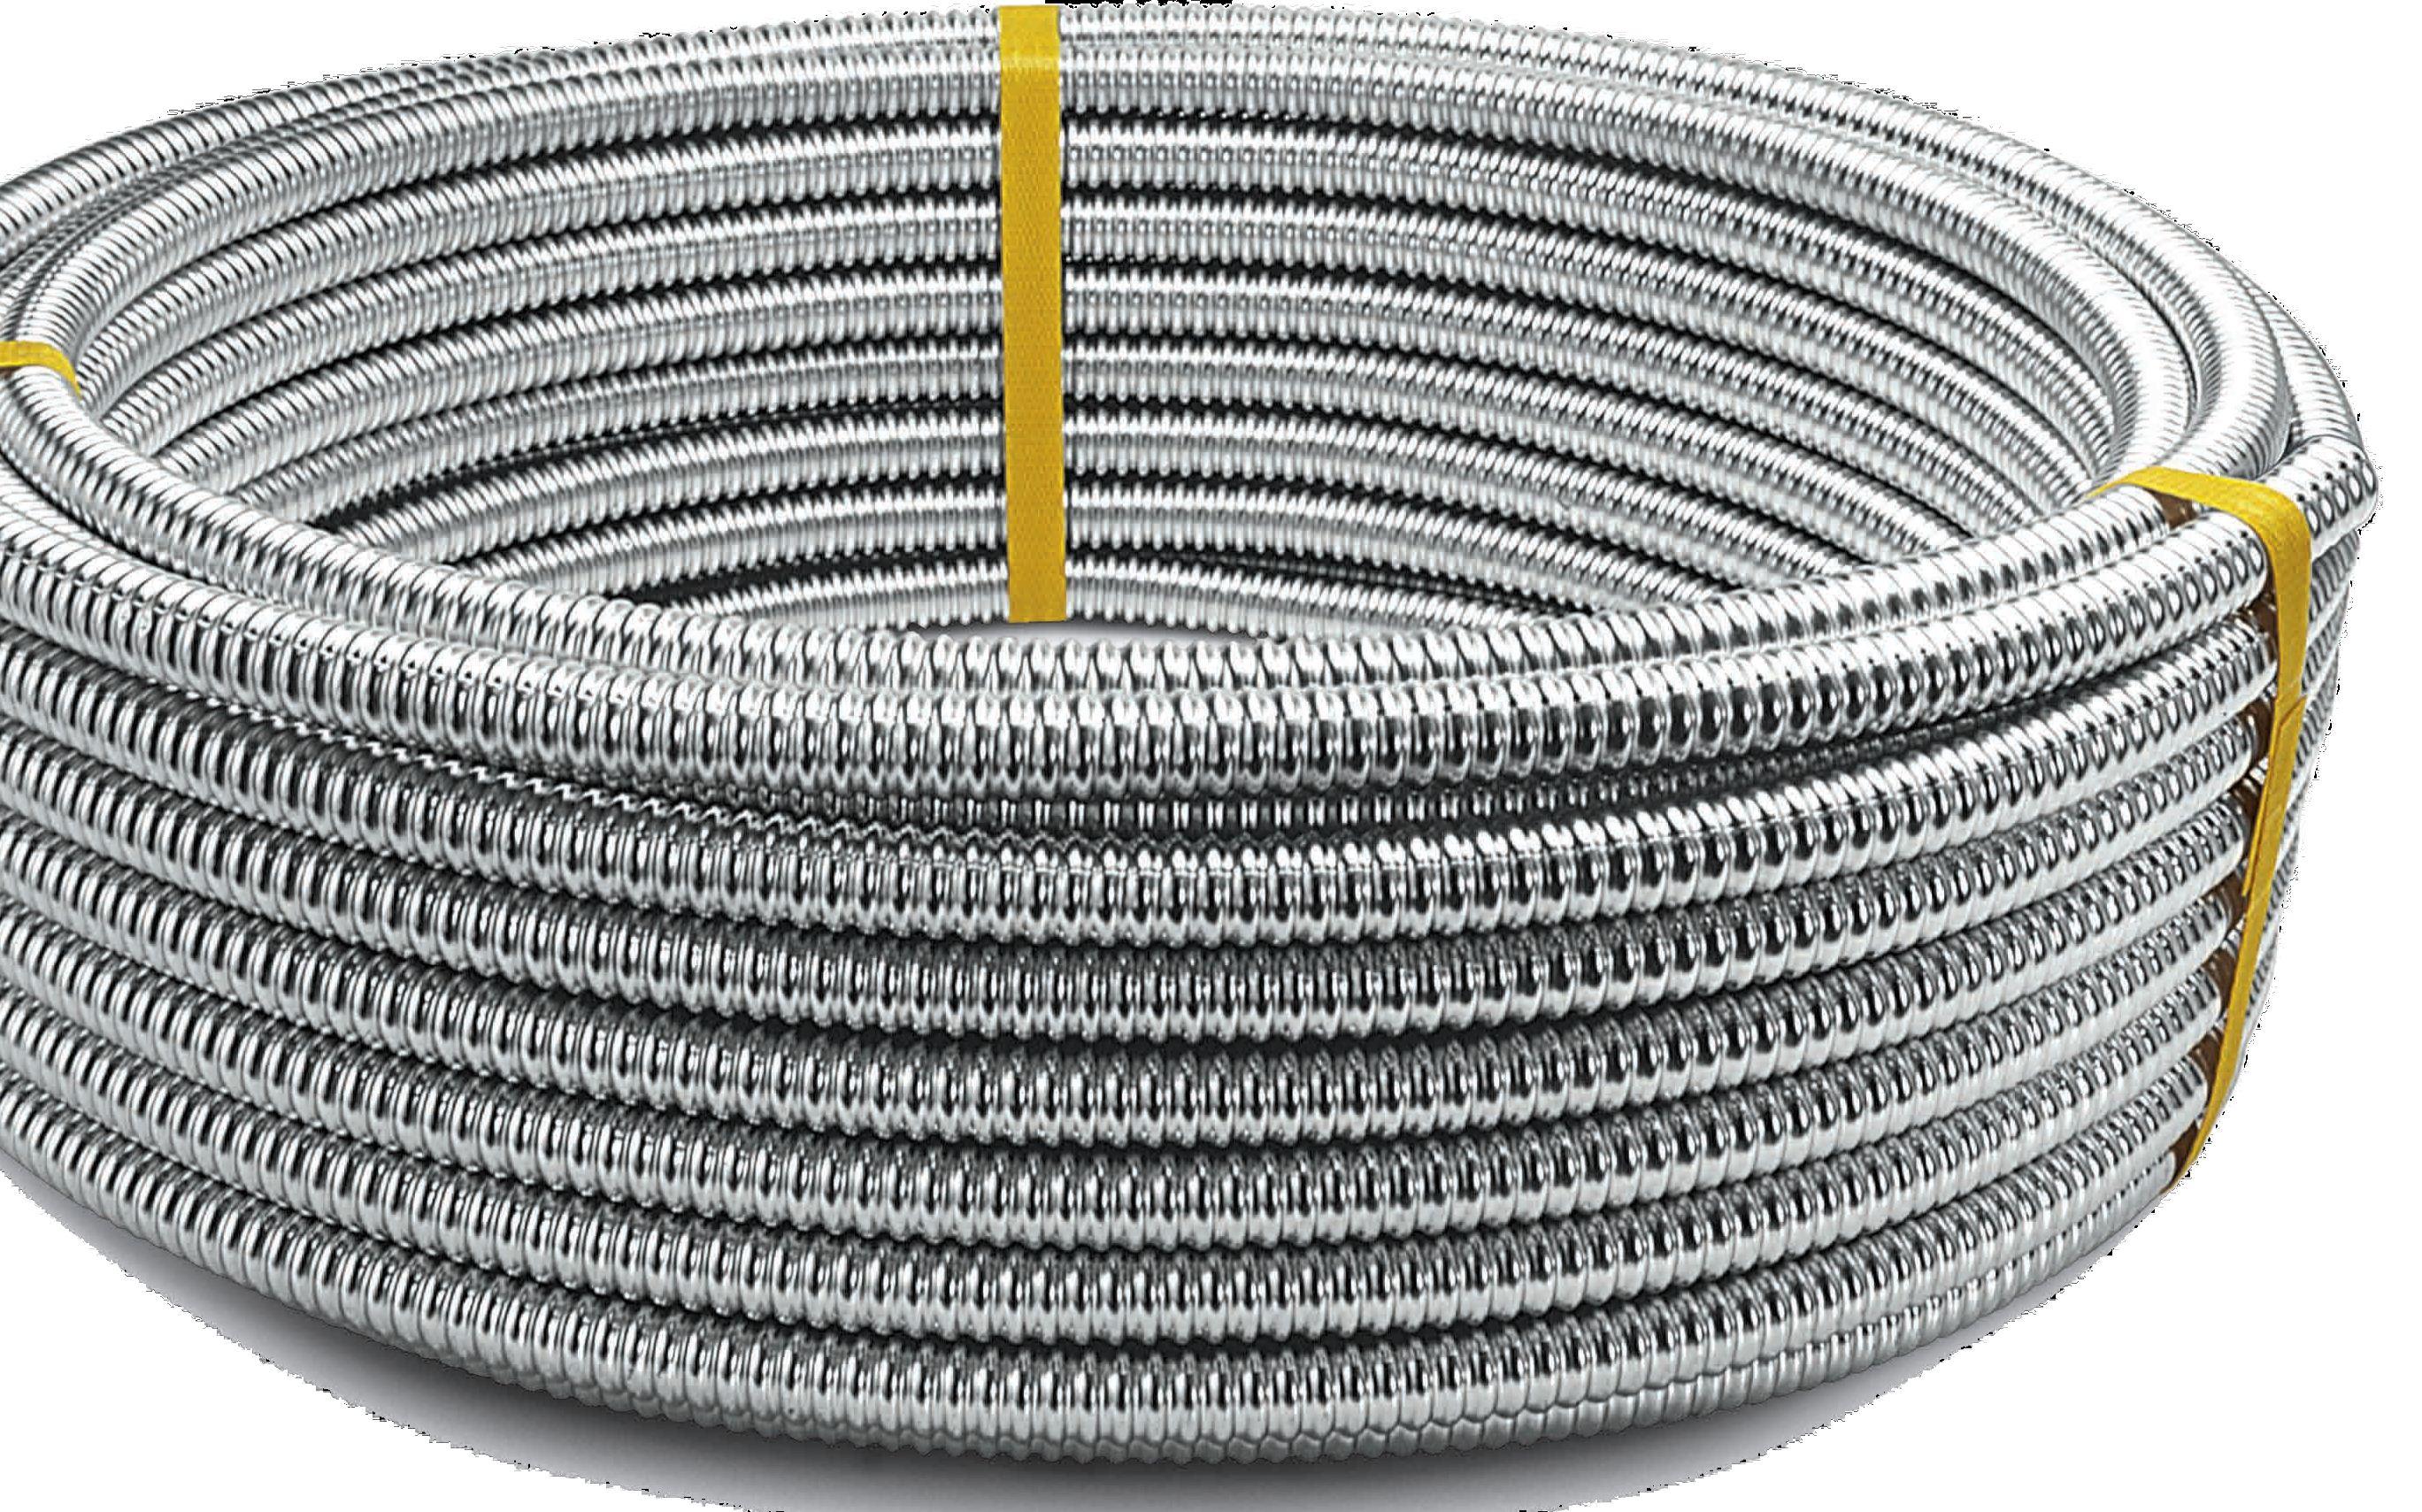 Гъвкави гофрирани тръби CSST от неръждаема стомана AISI 316 или 304